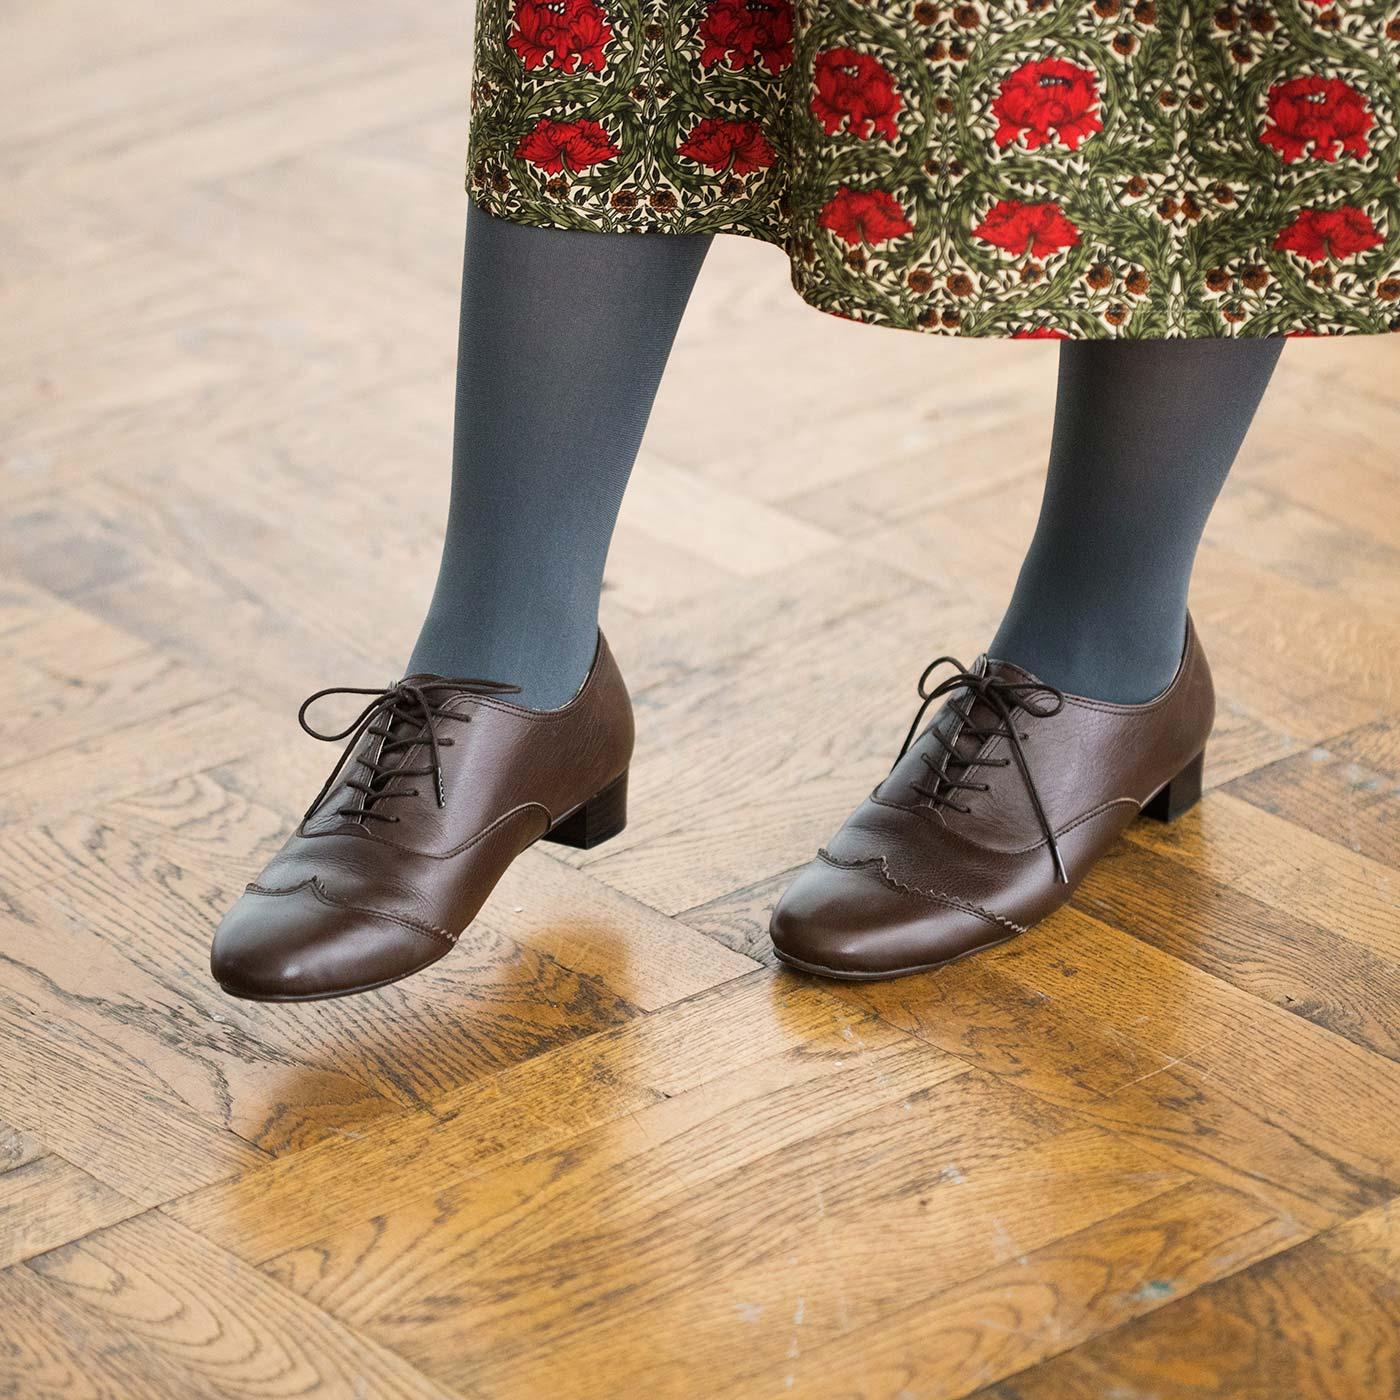 細身フォルムとほどよいヒール高で、スカートとの相性は抜群。パンツと合わせてマニッシュに履くのも素敵です。年中活躍するダークブラウンは、一足あるとすごく便利。